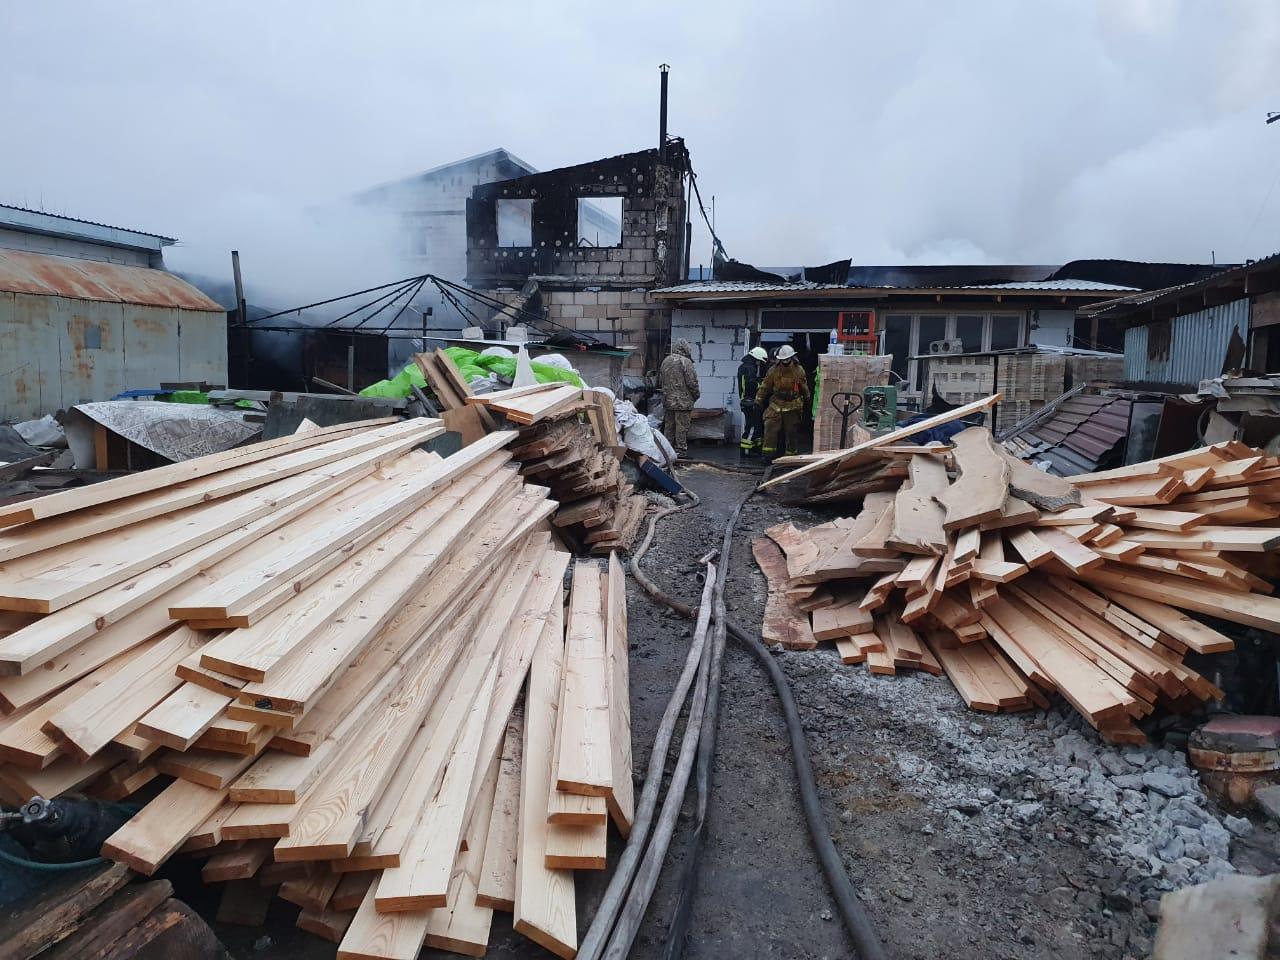 Масштабну пожежу на Броварщині гасили майже 40 вогнеборців - рятувальники, пожежа, масштабна пожежа, вогнеборці - 57 50